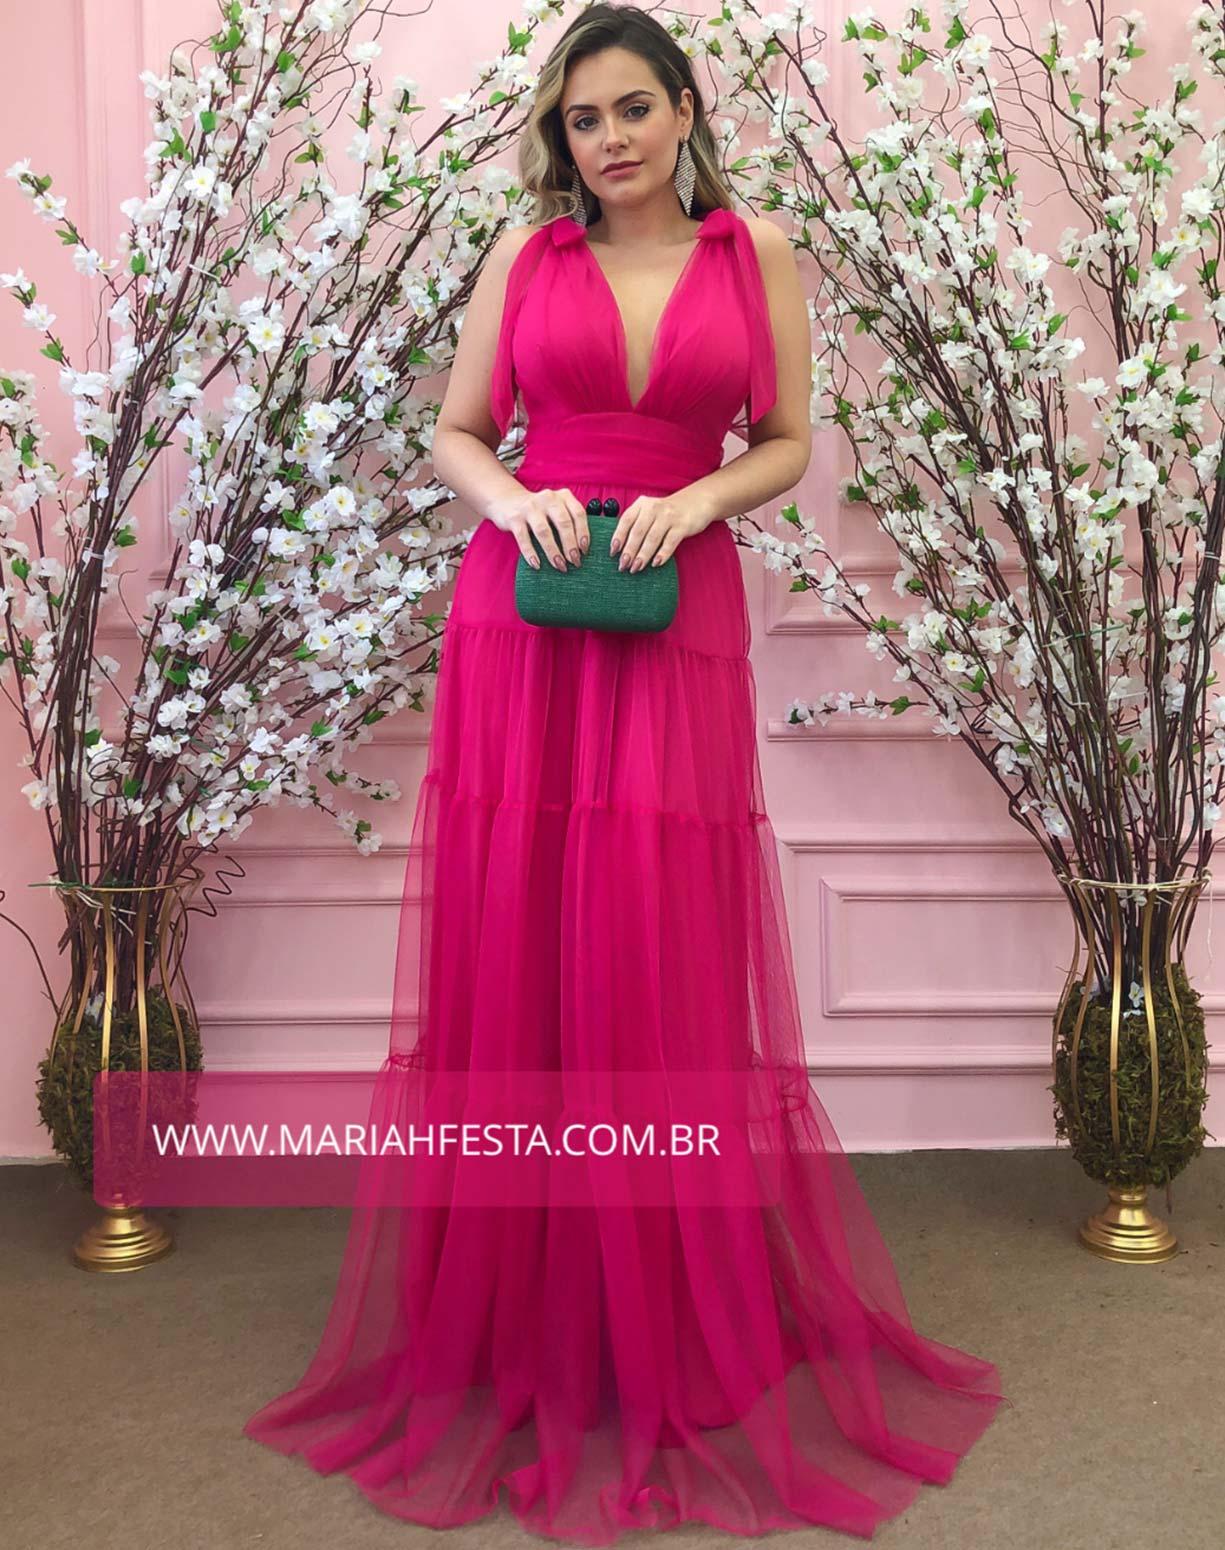 Vestido Rosa Pink em Tule com Alças de Amarrar